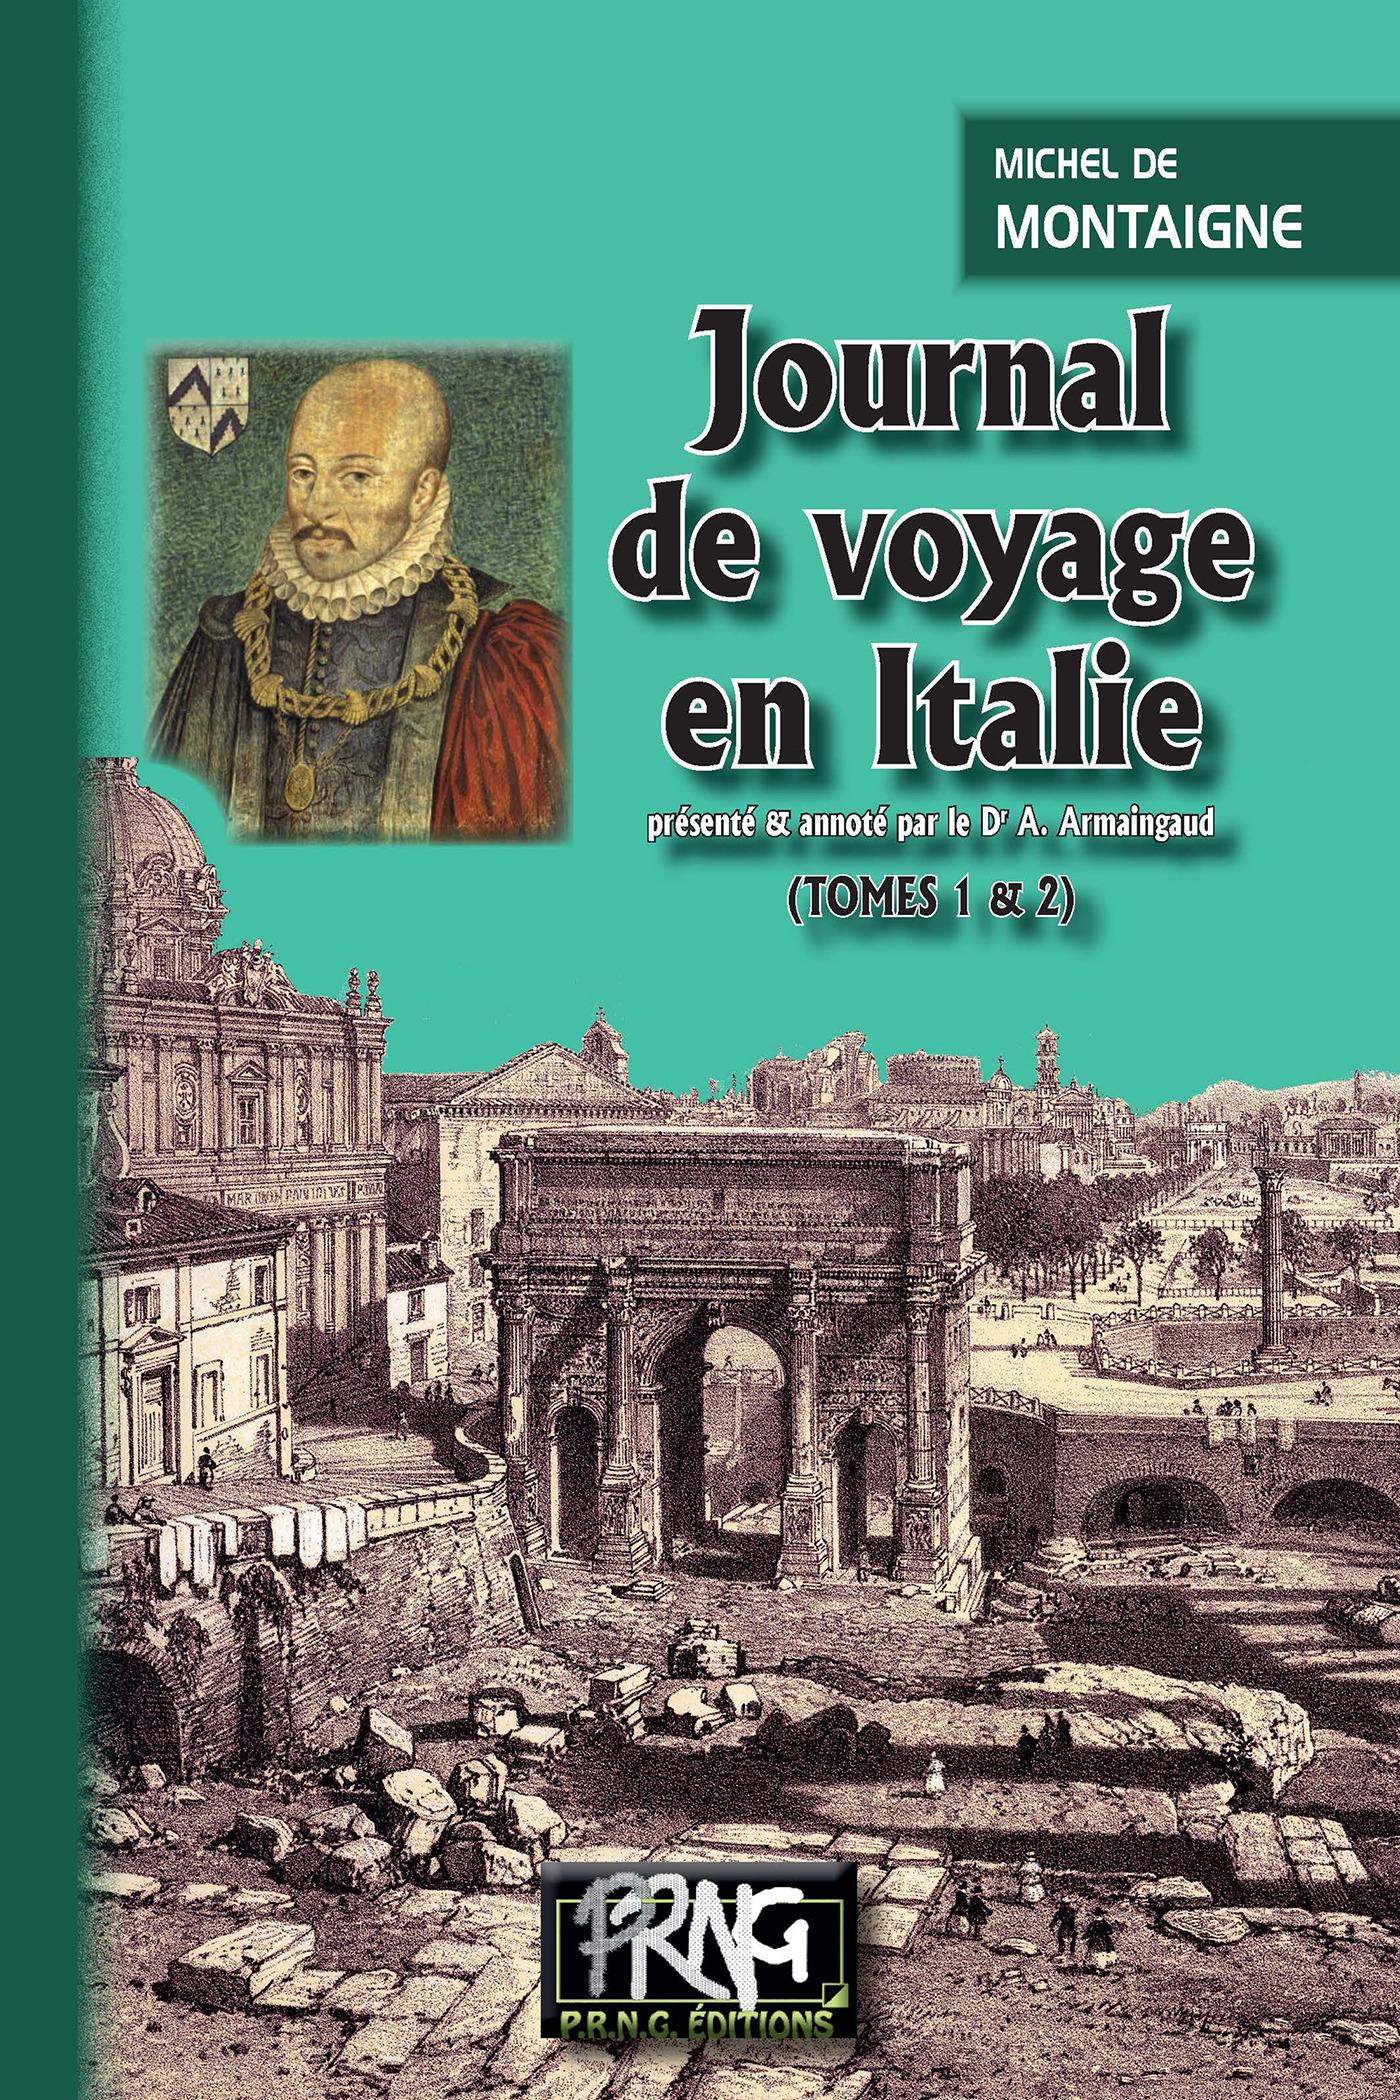 Journal de voyage en Italie (Tomes 1 et 2 réunis)  - Michel De Montaigne